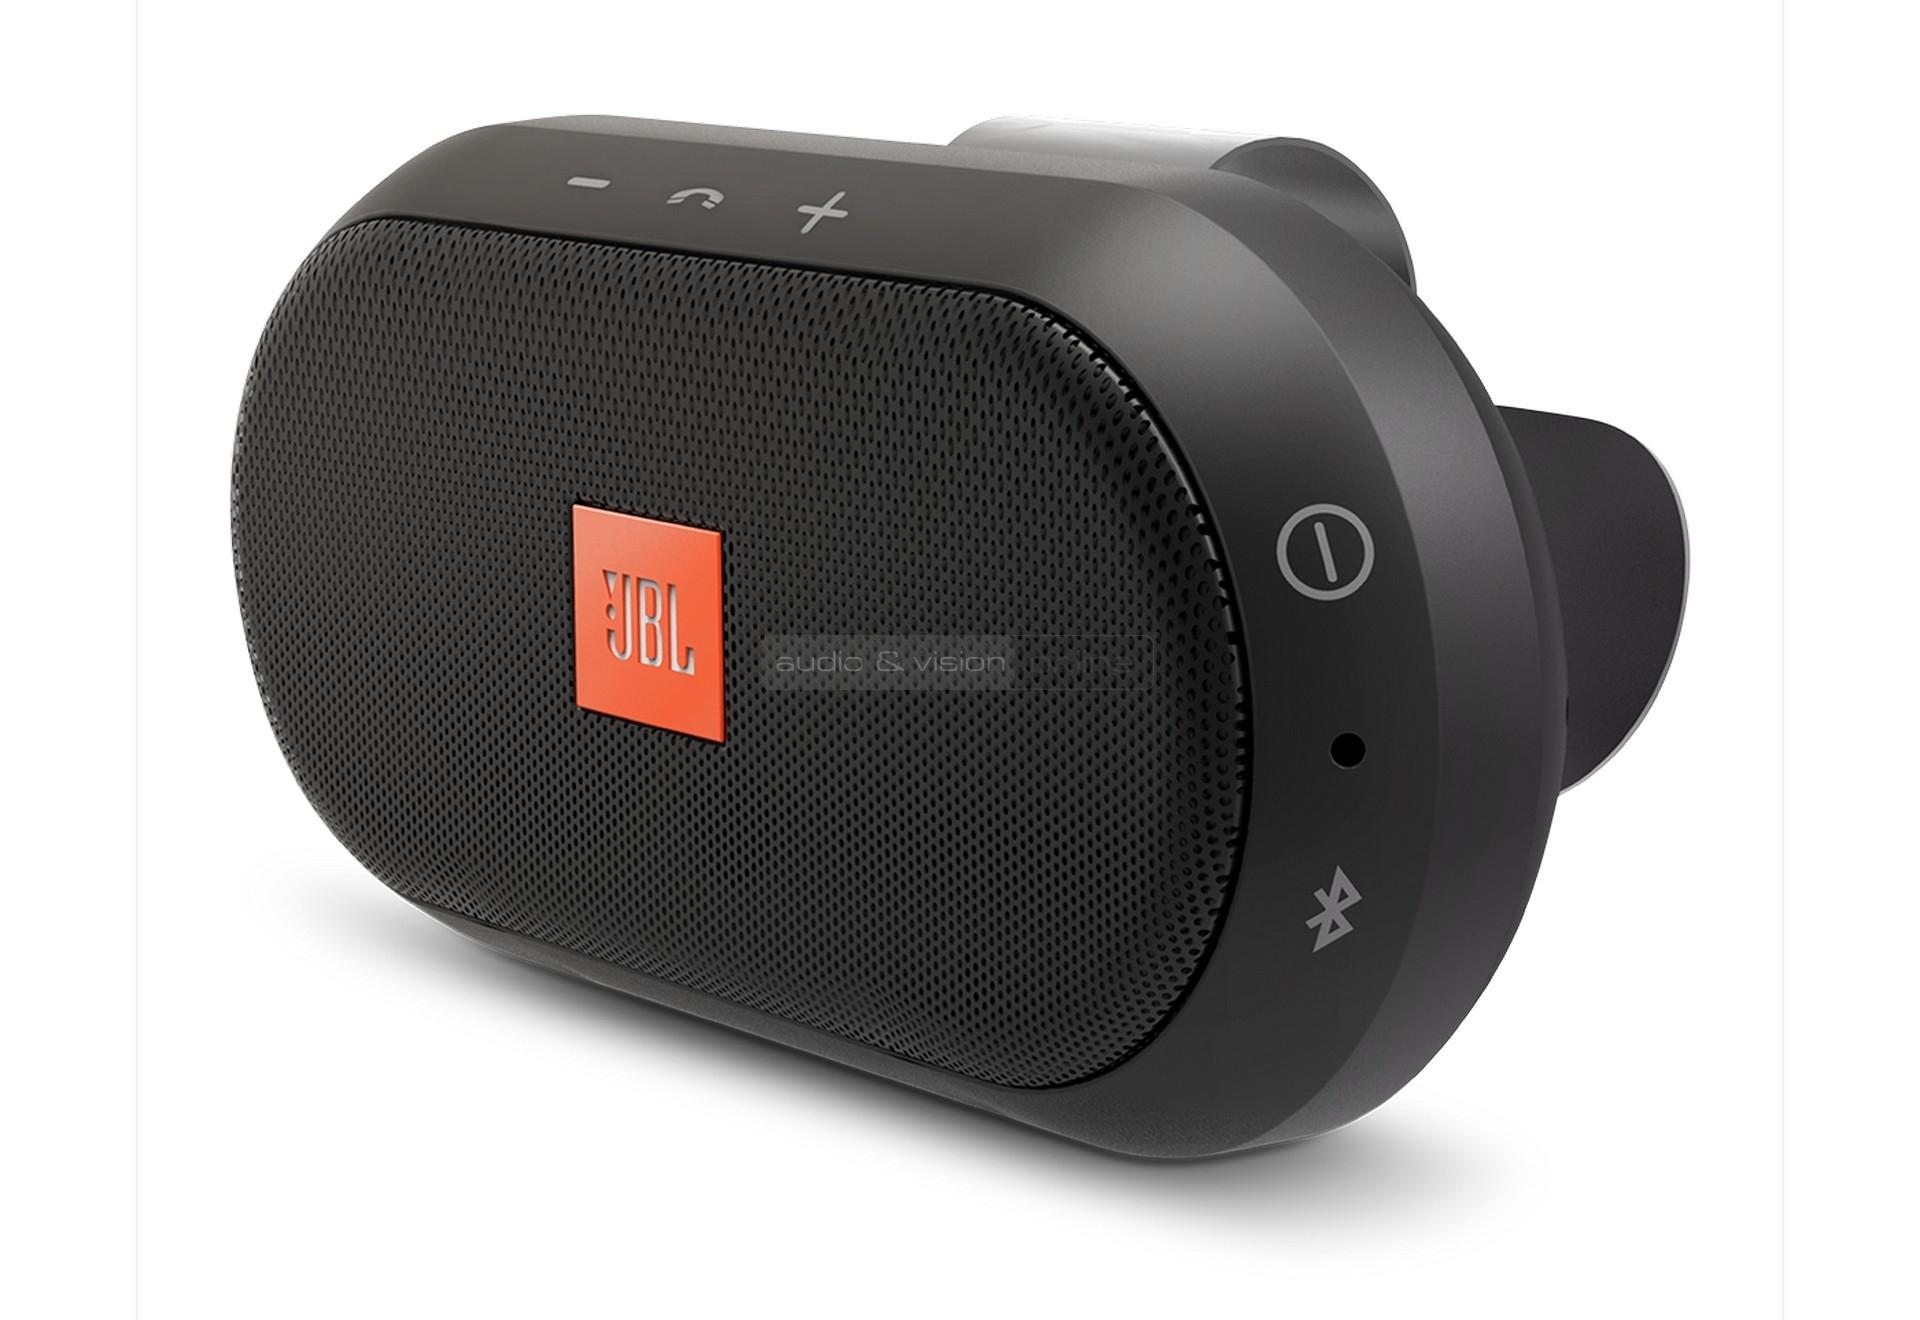 JBL Trip Bluetooth kommunikációs eszköz és mobil hangszóró teszt ... d12f90877e